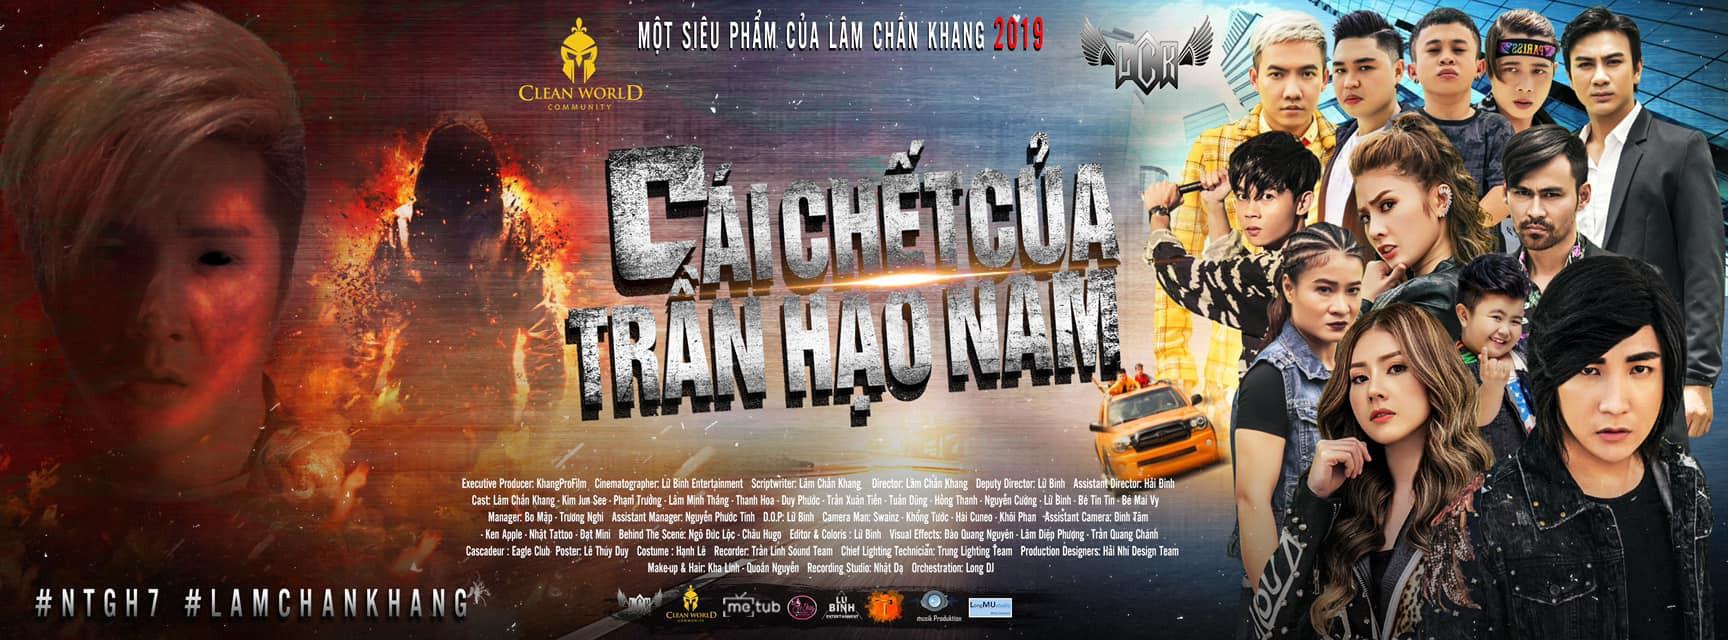 Web drama của Lâm Chấn Khang vừa hạ bệ Sơn Tùng: Đánh đấm như... siêu anh hùng, có cả màn tái sinh cực lầy - Ảnh 1.